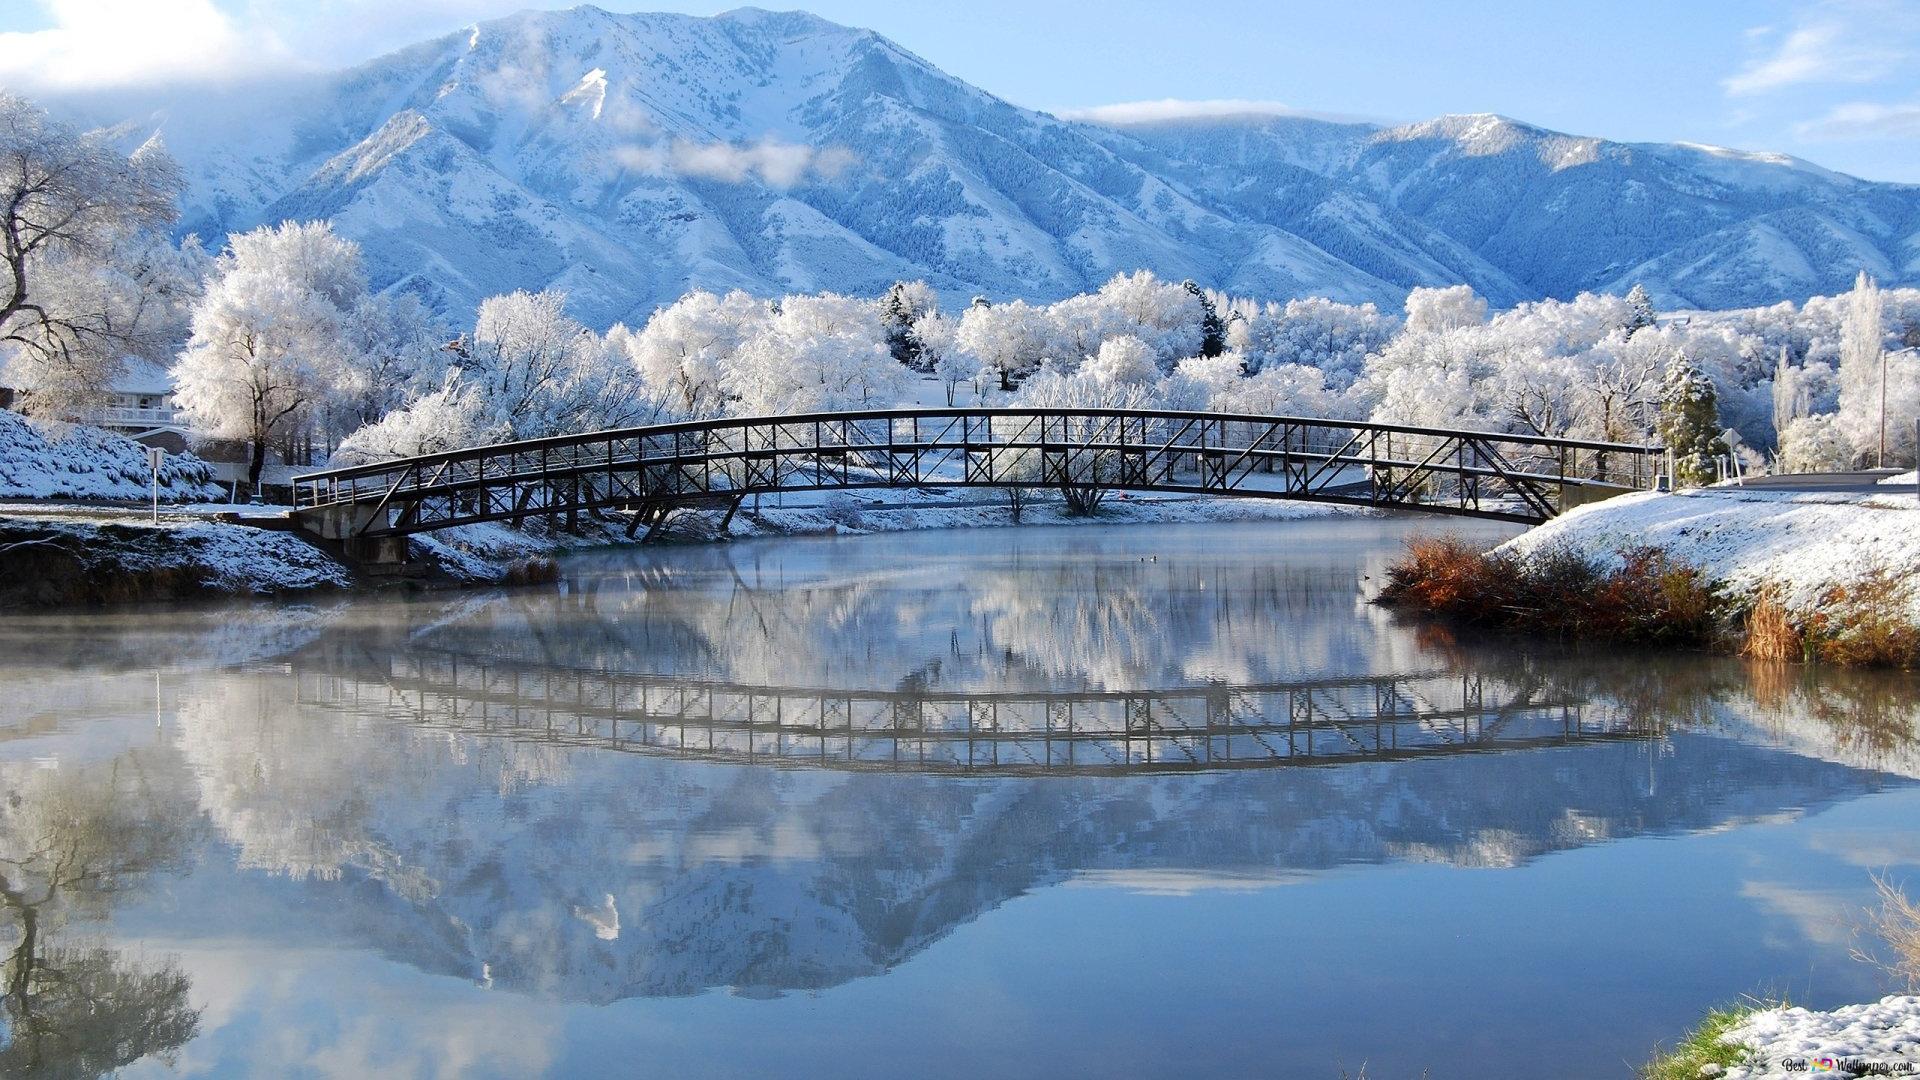 Snowy Witte Reflectie Van De Natuur Hd Wallpaper Downloaden